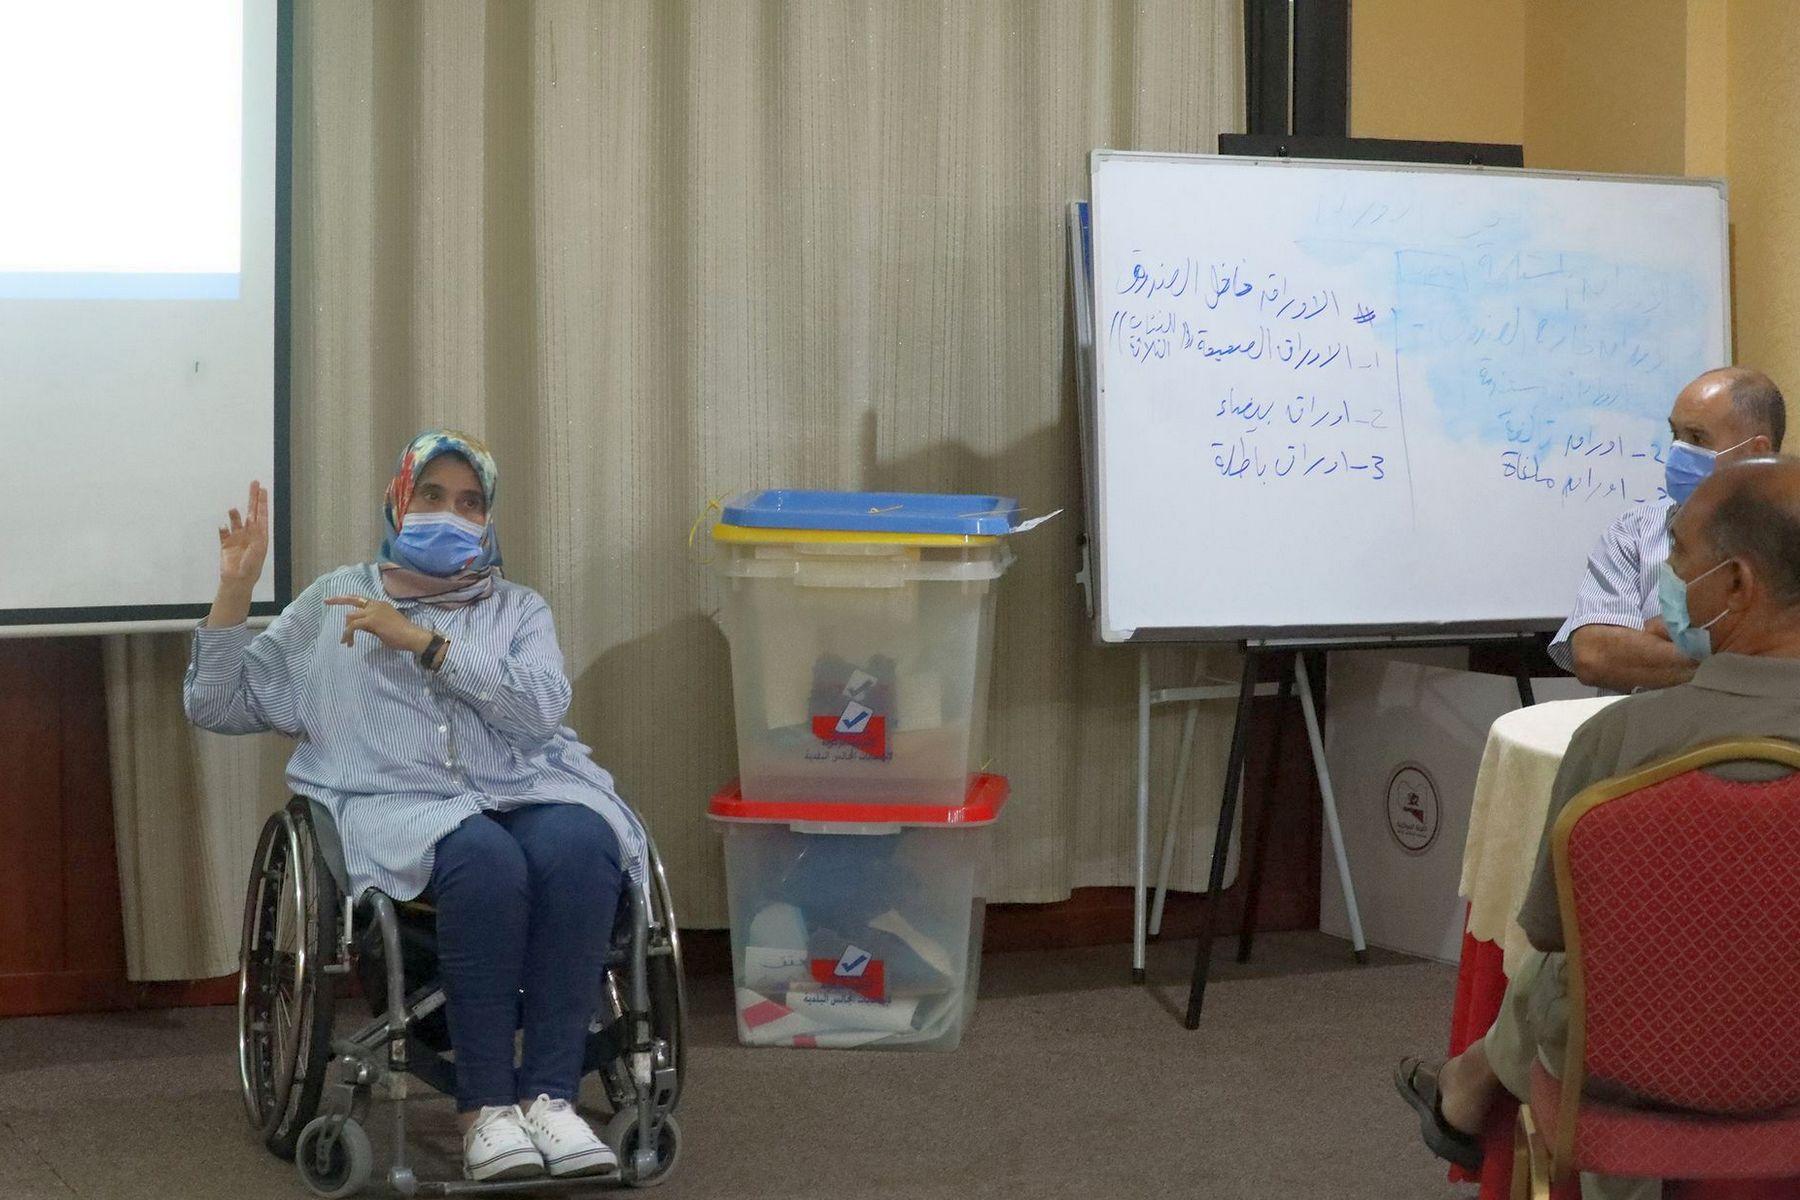 الوصول الميسر.. محور نشاط تعاوني تنفذه وحدة دعم الأشخاص ذوي الإعاقة